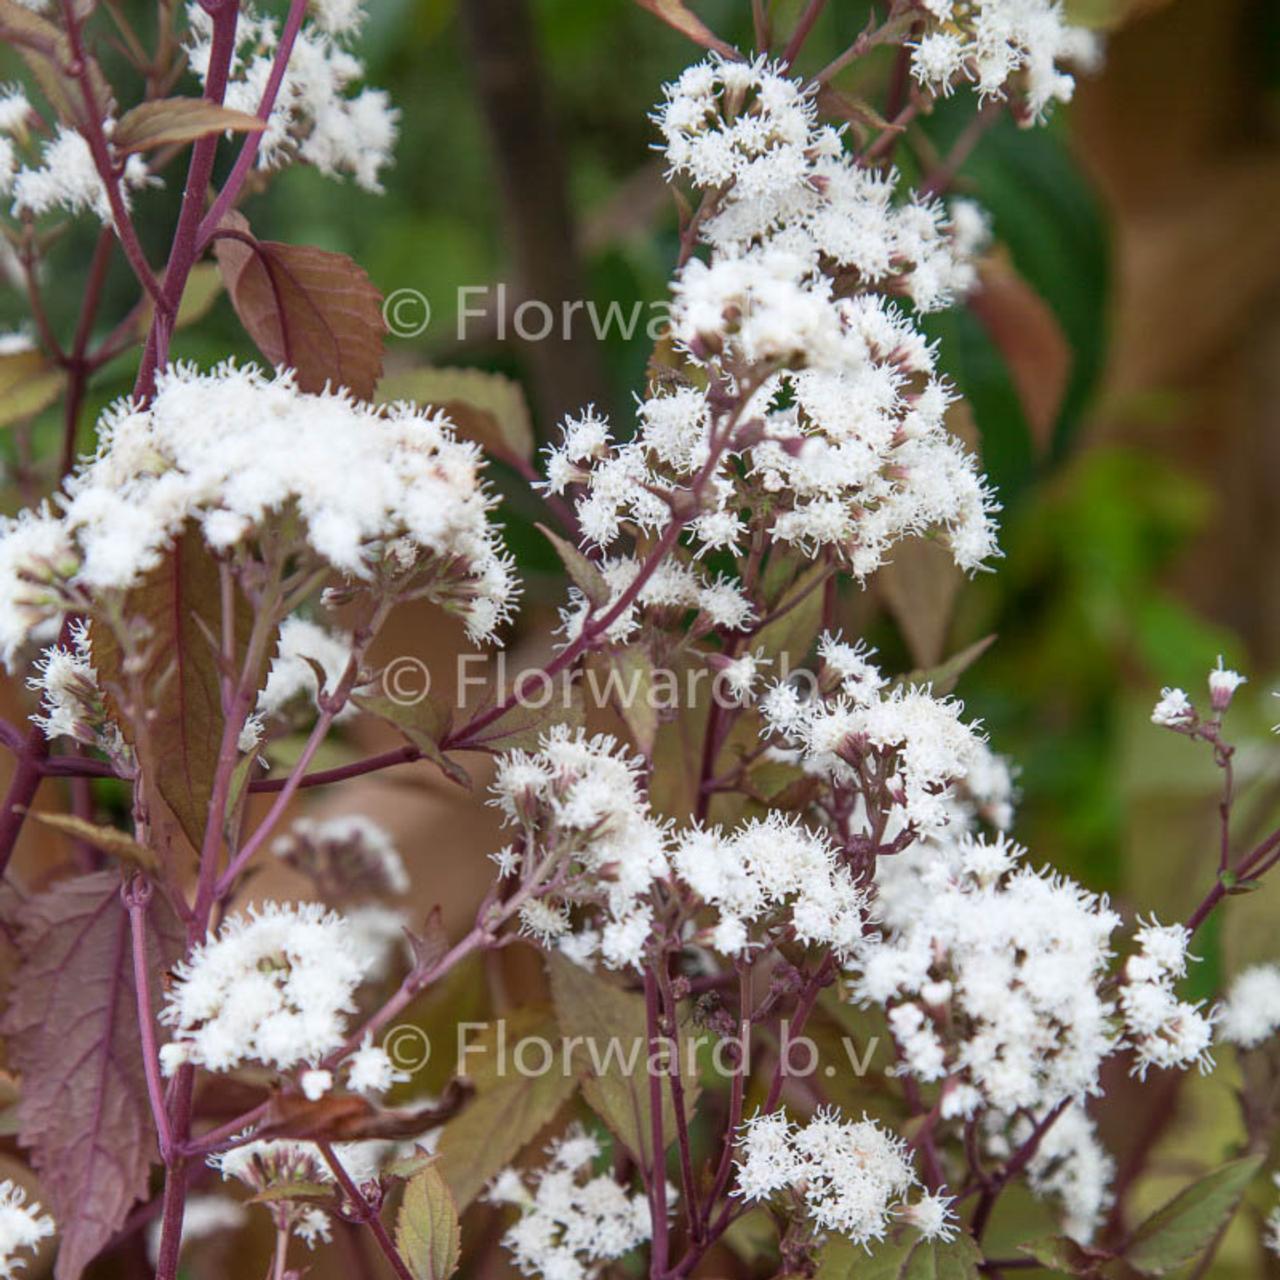 Eupatorium rugosum 'Chocolate' plant